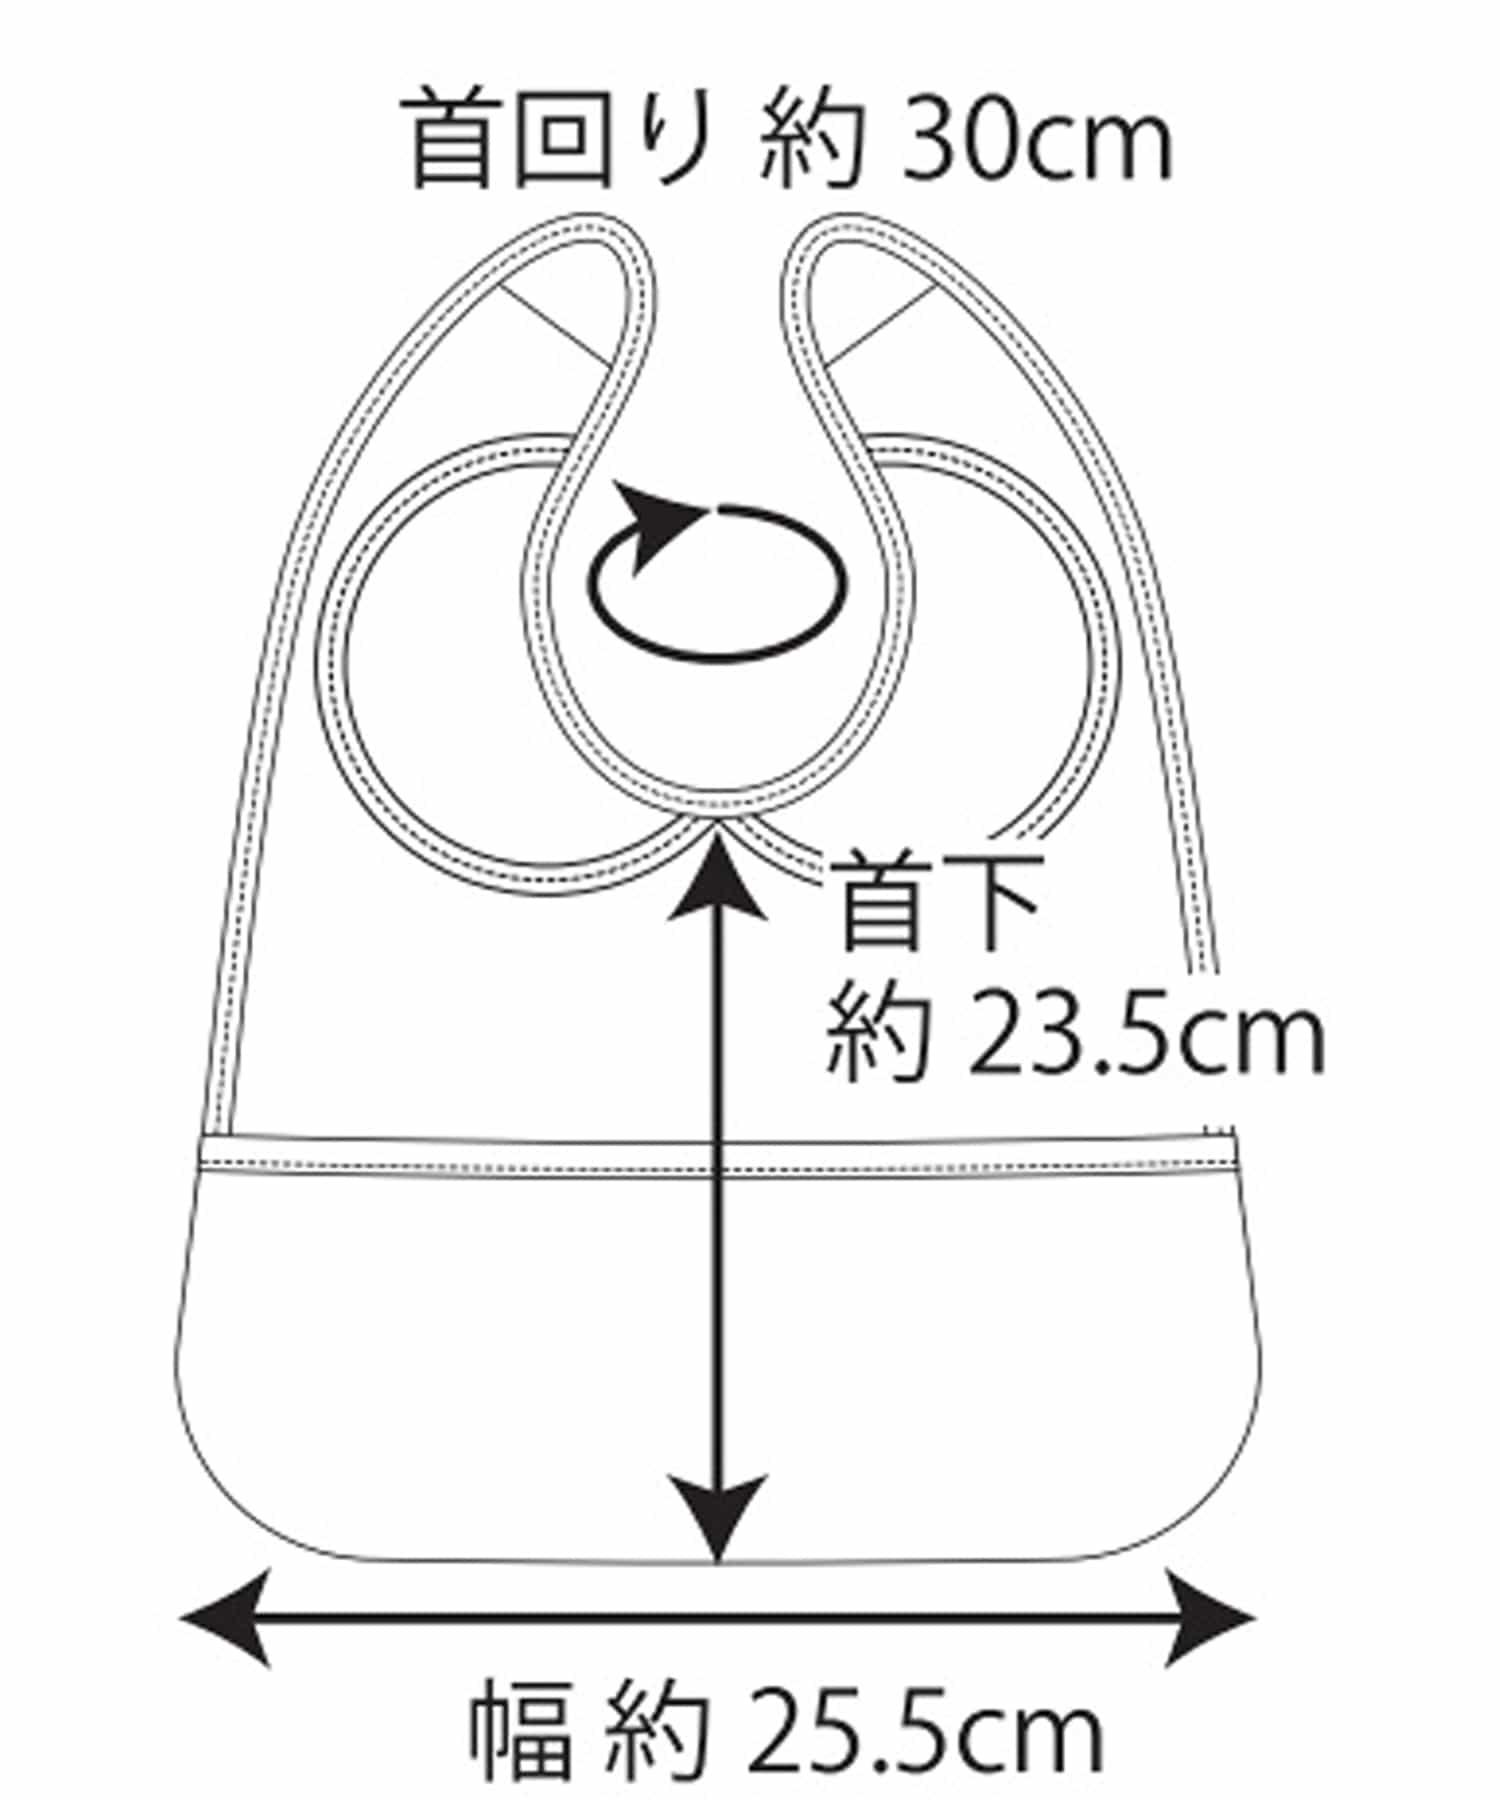 3COINS(スリーコインズ) 【お手入れ簡単・食べこぼし防止】襟付きお食事エプロン